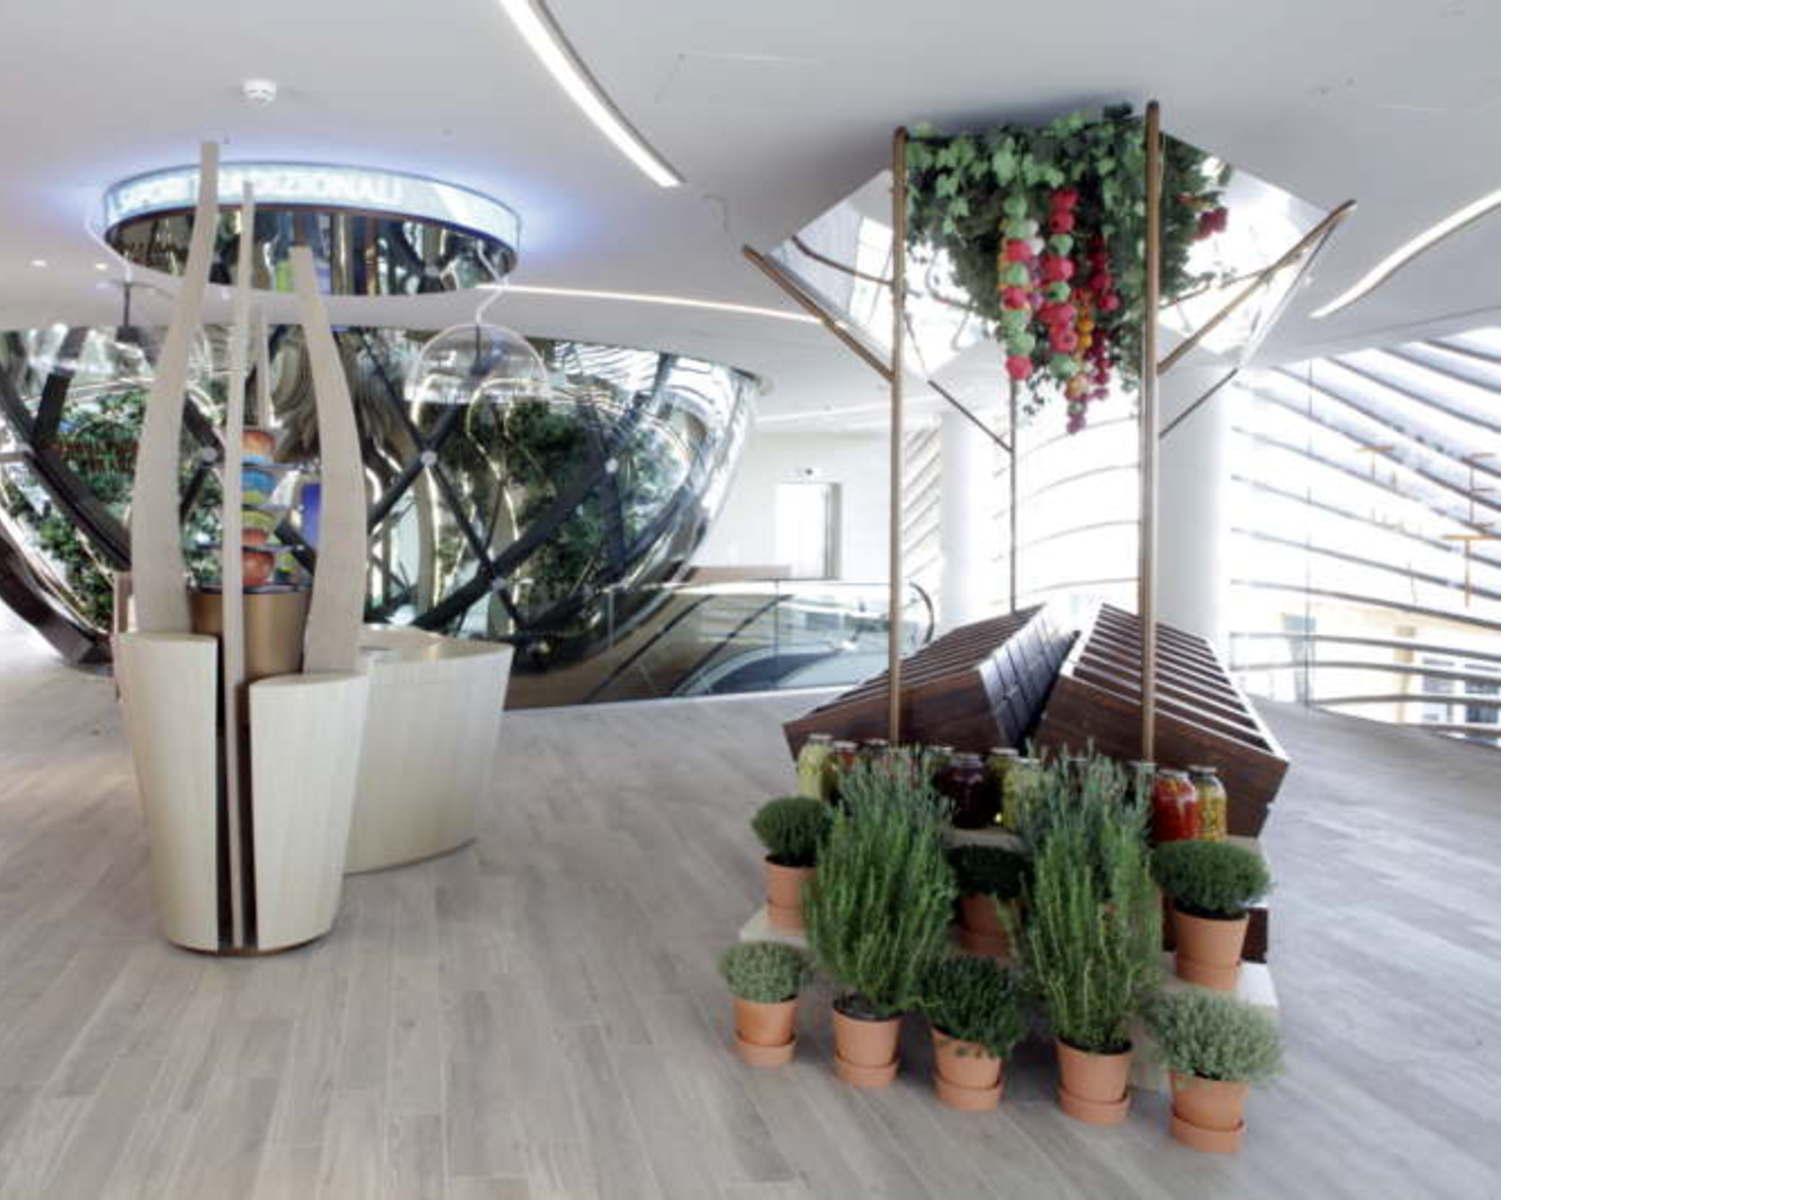 Simmetrico Pabellon De Azerbaiyan Expo Milan 2015